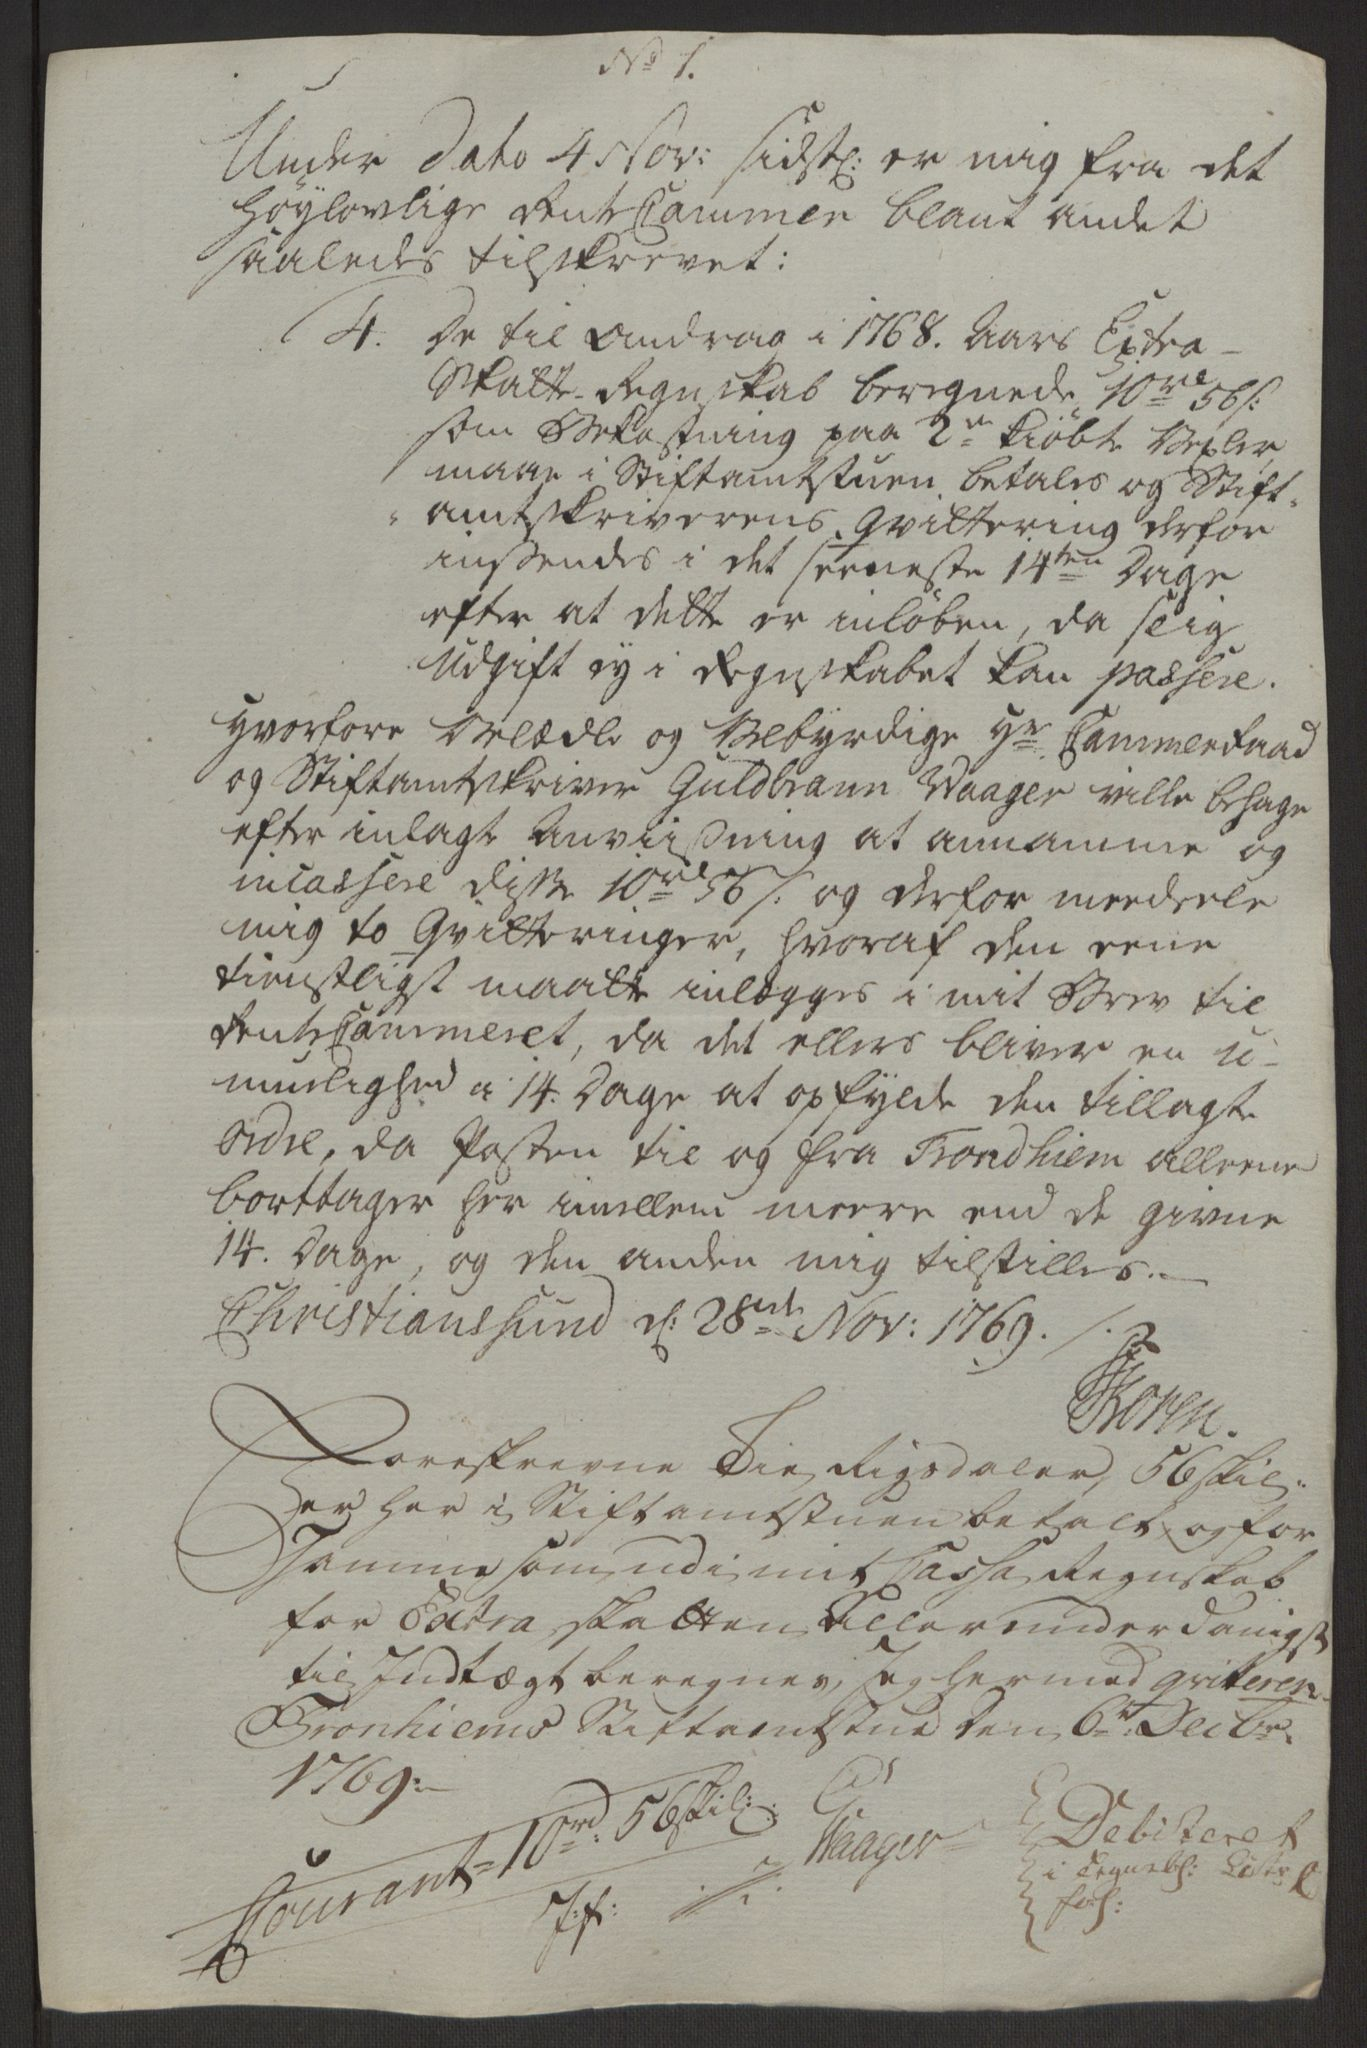 RA, Rentekammeret inntil 1814, Reviderte regnskaper, Byregnskaper, R/Rr/L0495: [R1] Kontribusjonsregnskap, 1762-1772, s. 201